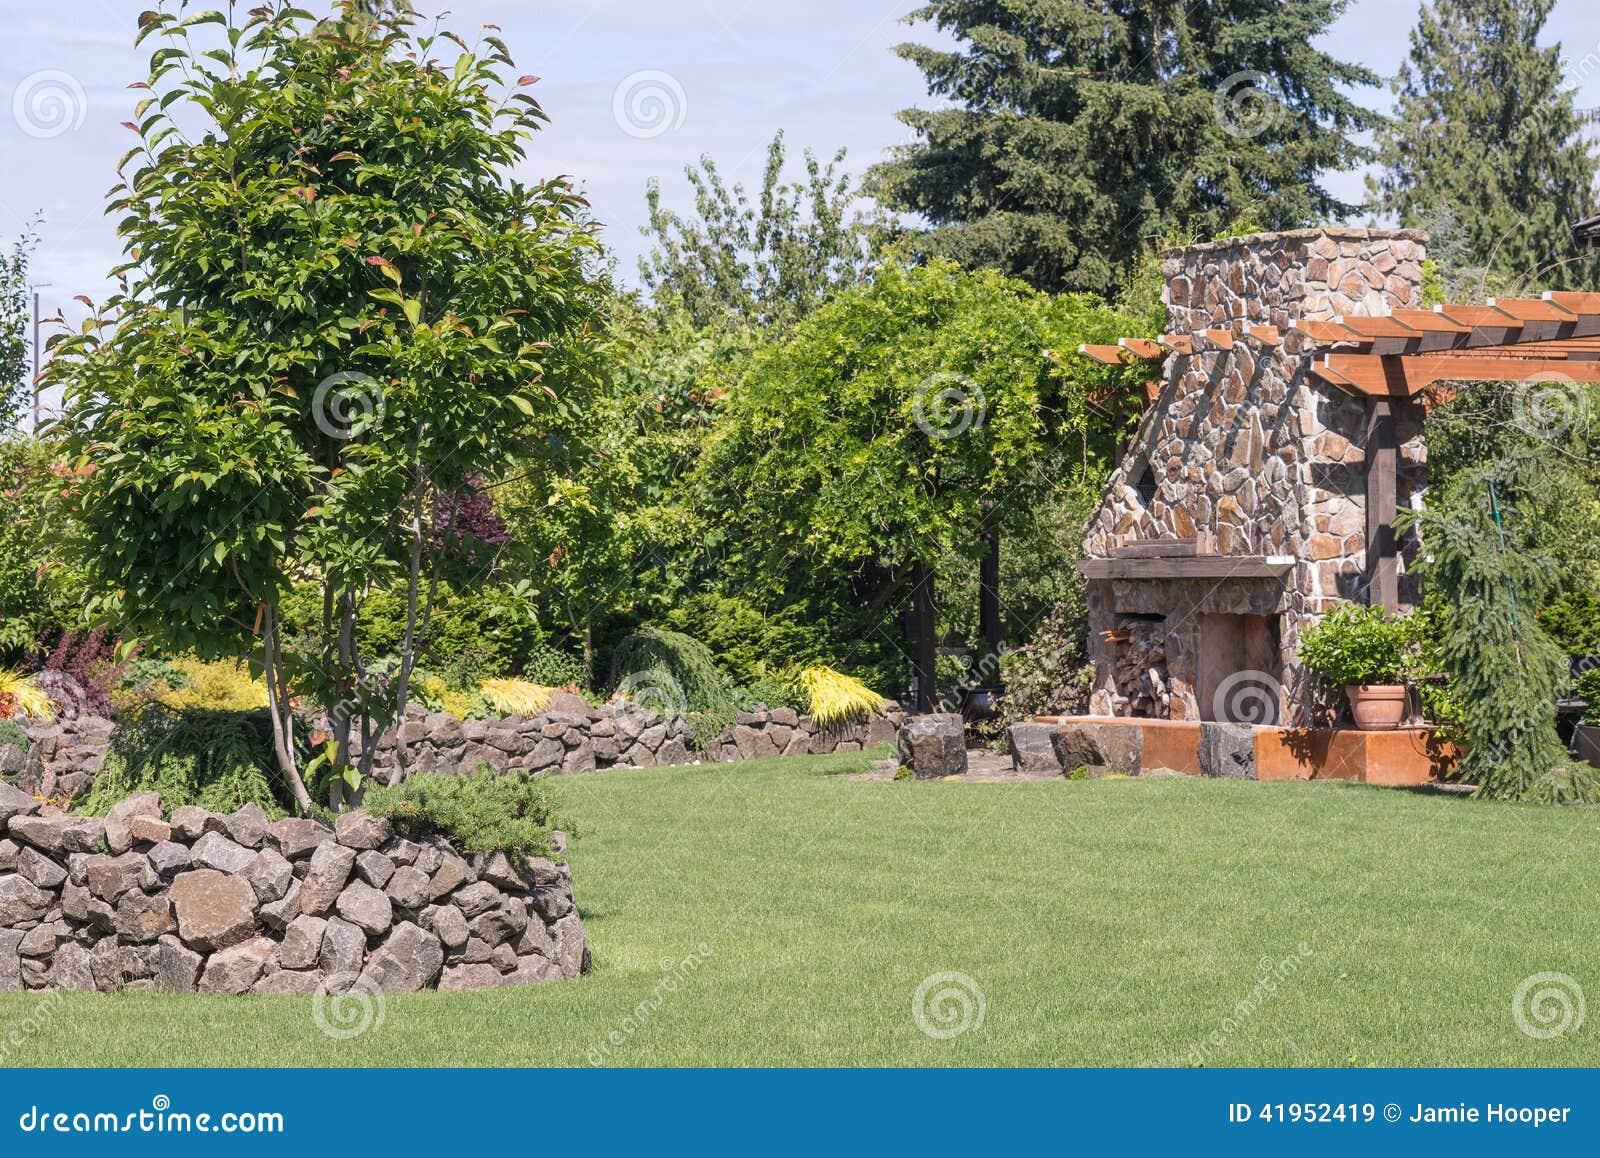 Mur En Pierre Et Cheminee Geante Image Stock Image Du Architecture